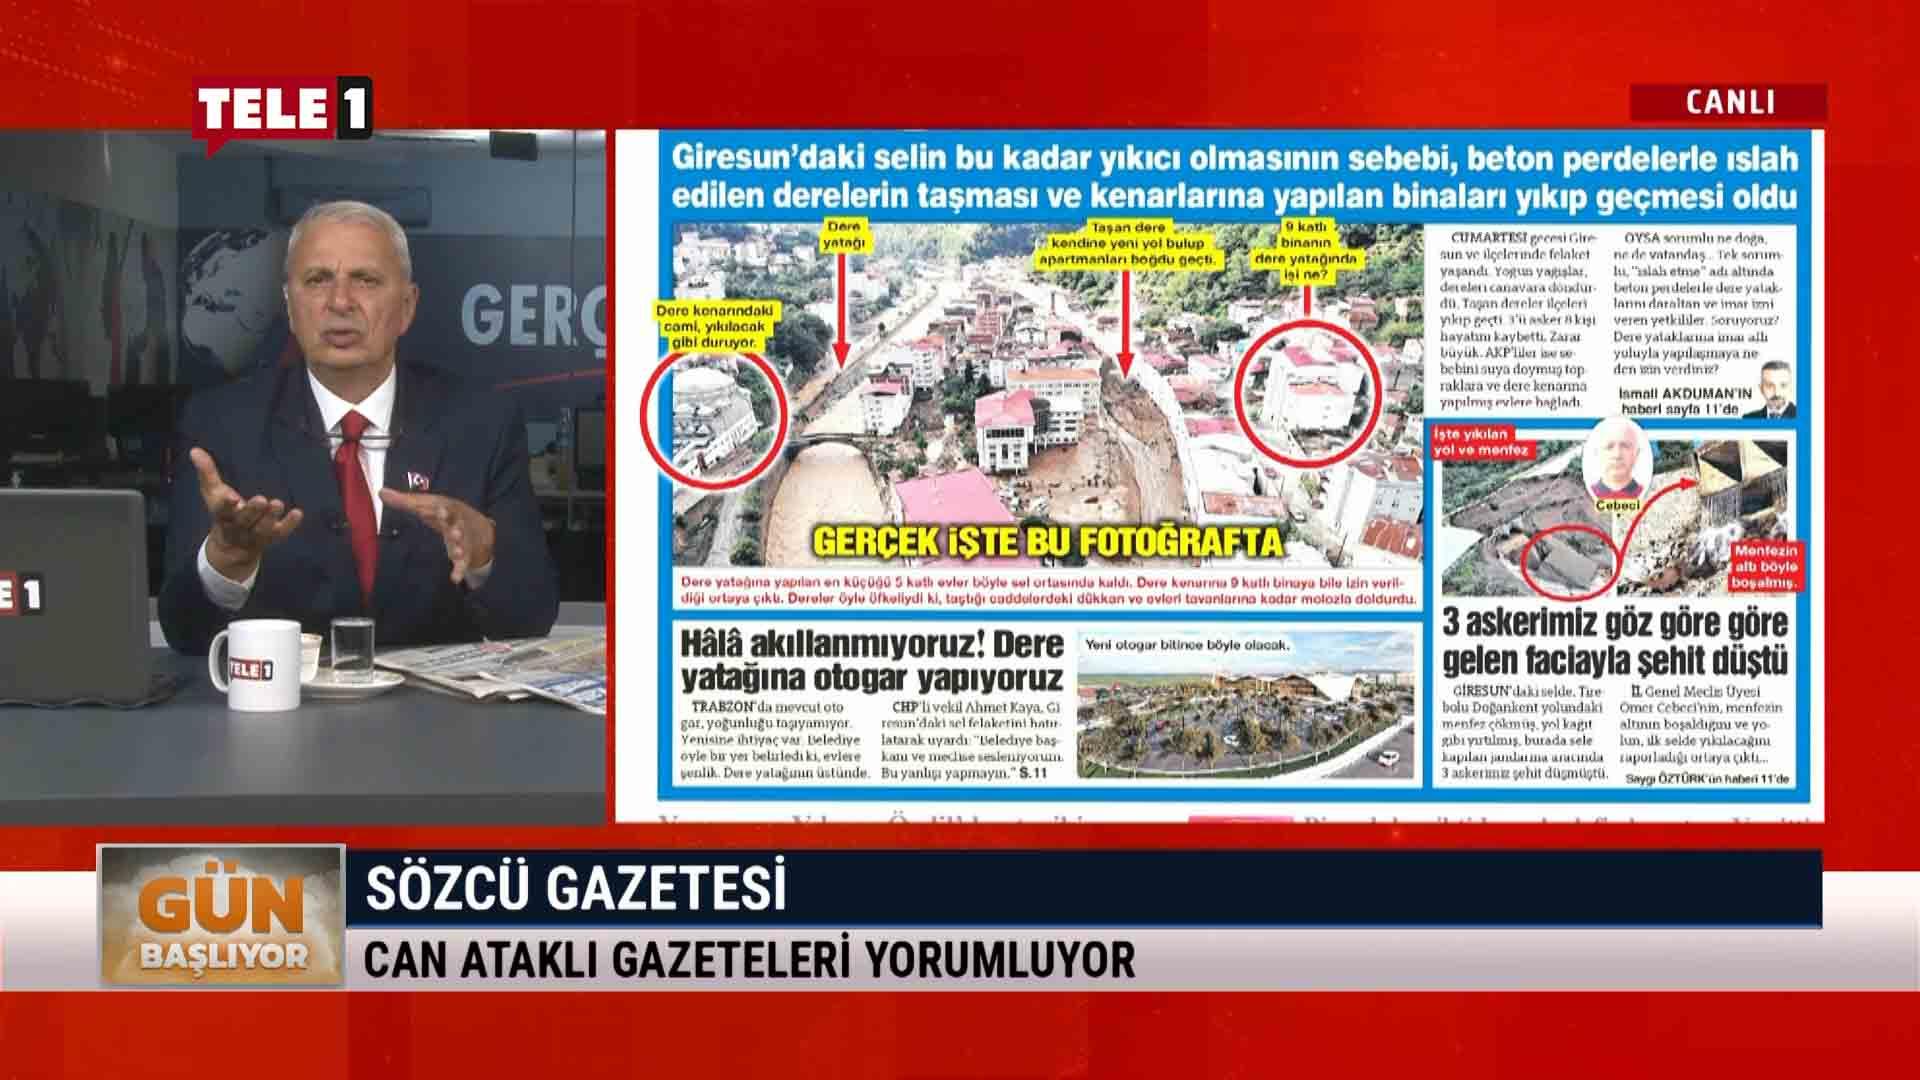 Damat Bakan Türkiye'yi ekonomide üst lige taşıyacakmış! – GÜN BAŞLIYOR